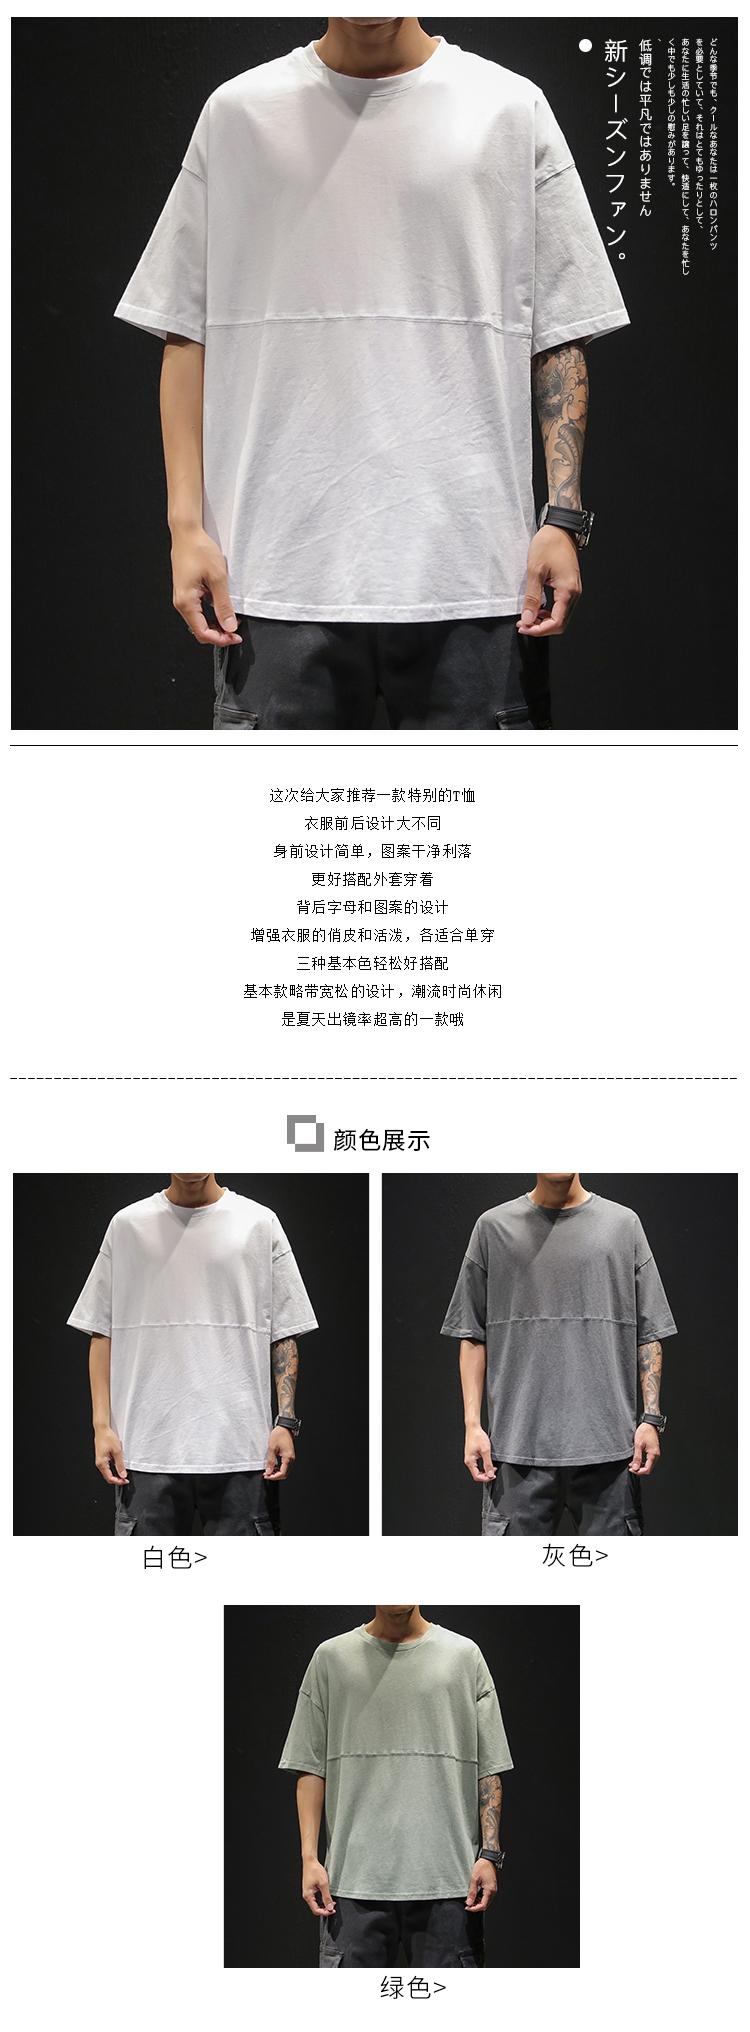 2019新款夏季字母印花T恤圆领纯棉舒适百搭短袖 黑墙1 T1906 P35